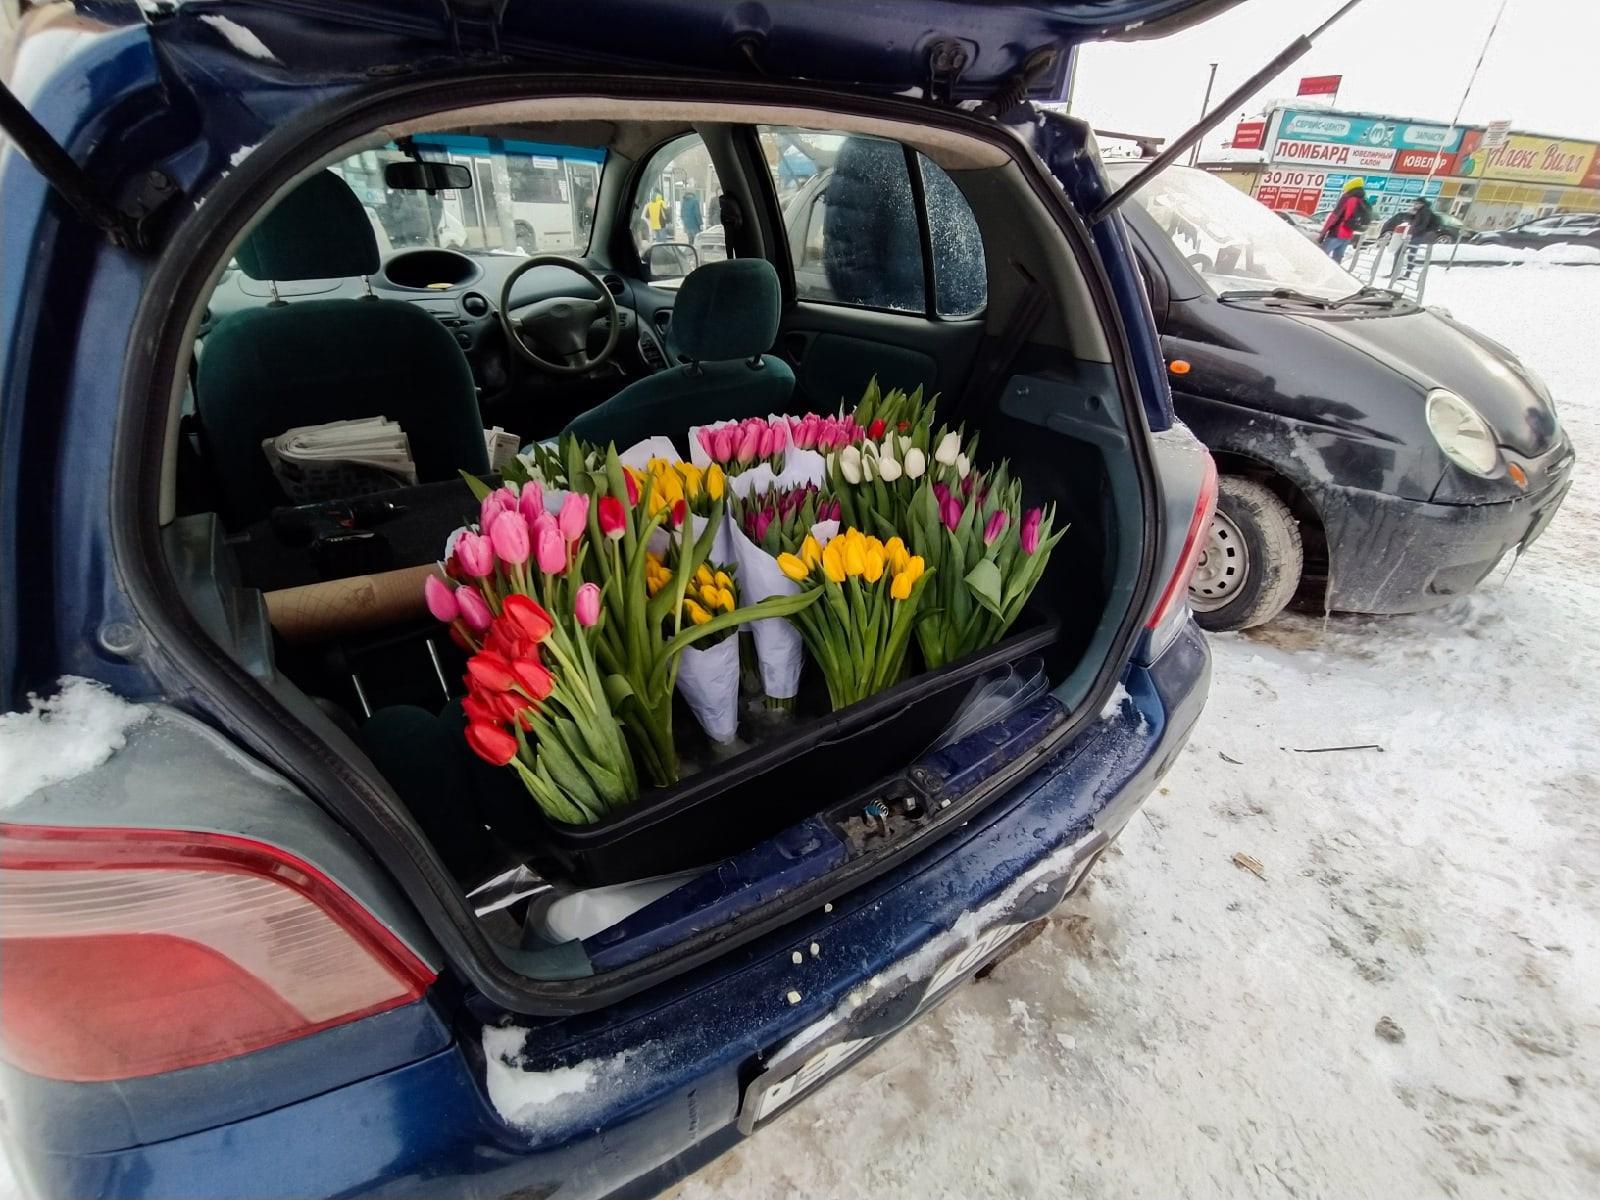 Фото Тюльпаны из багажника: торговцы рассказали о подорожании цветов к 8 Марта в Новосибирске 2